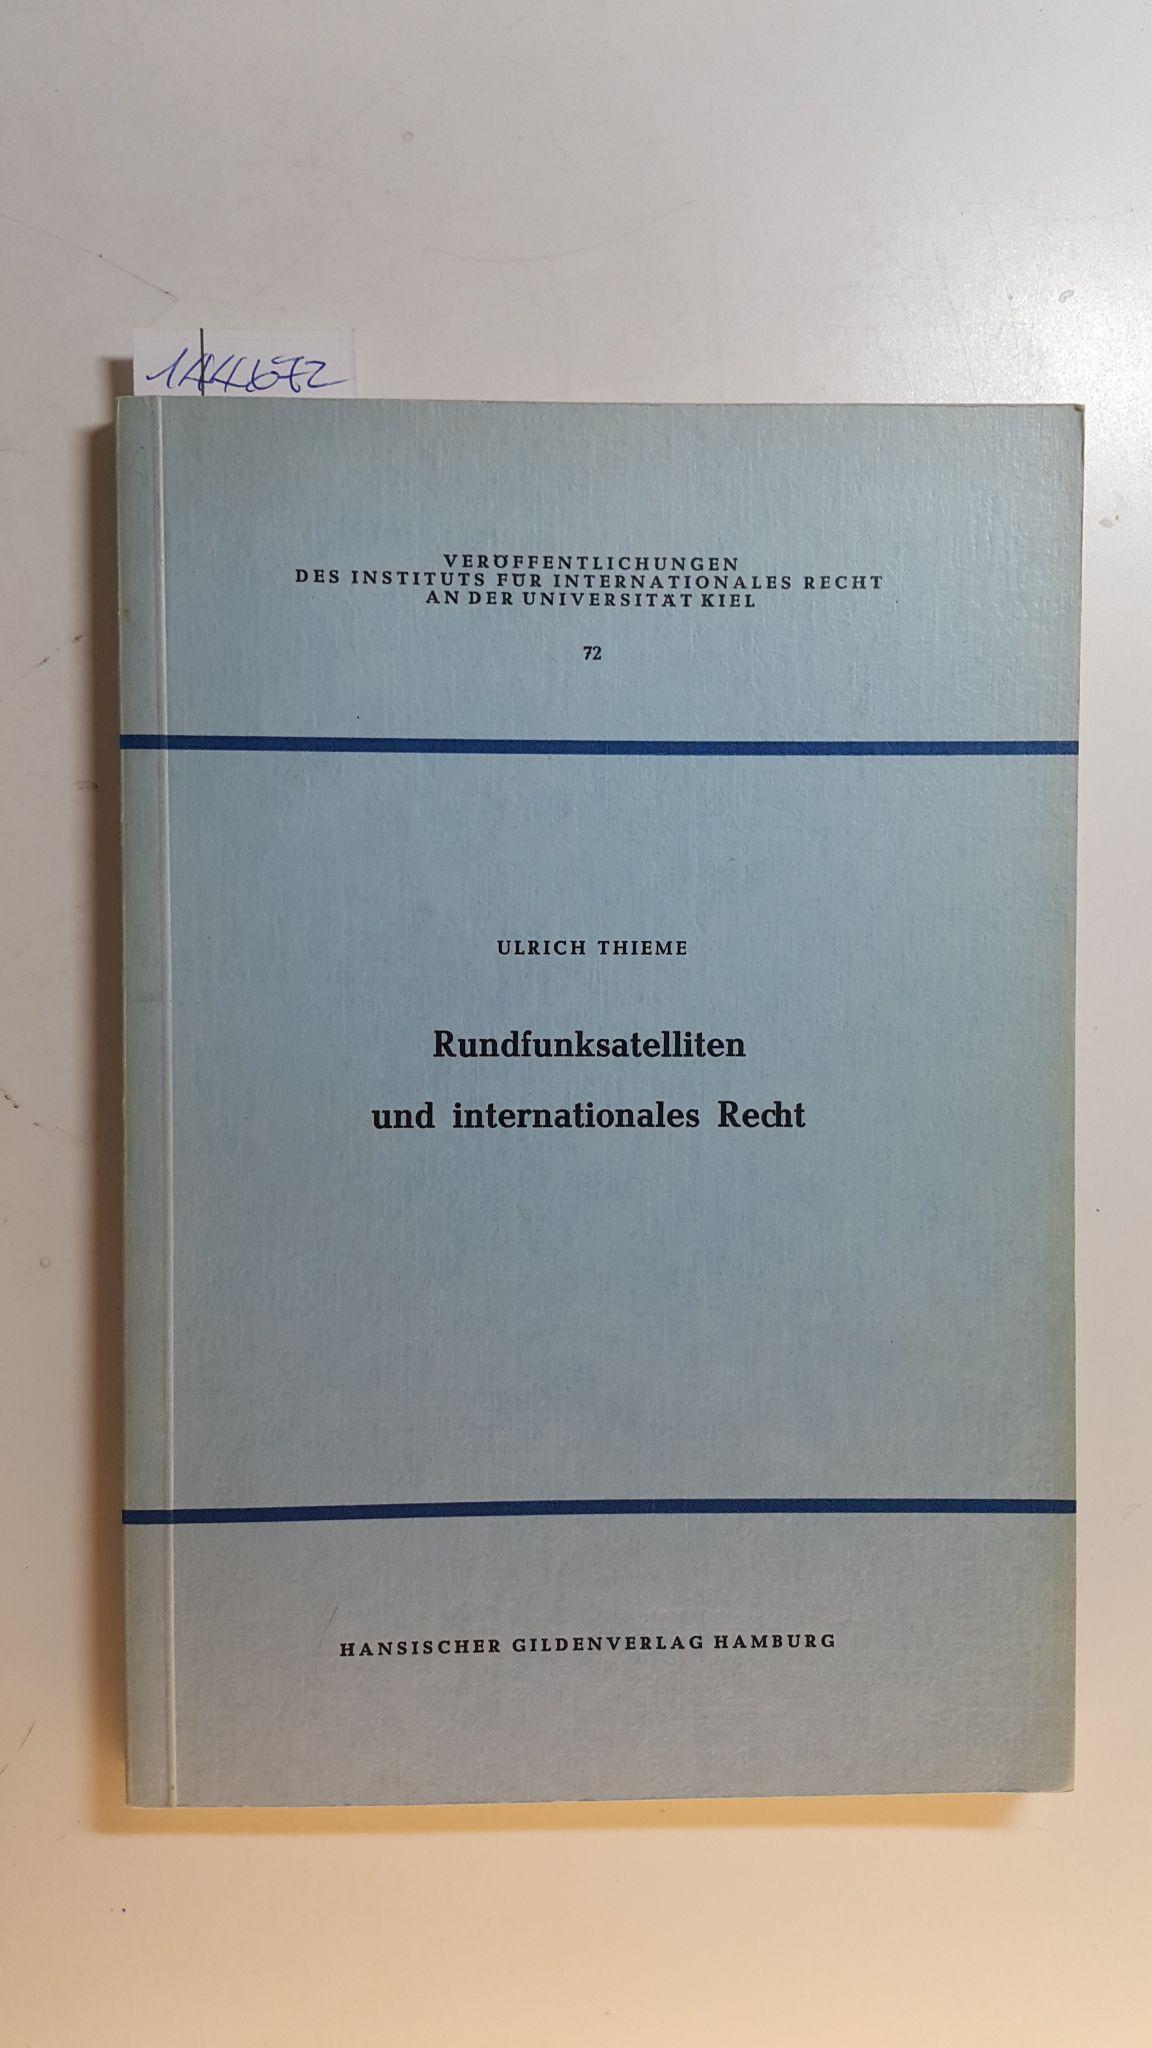 Rundfunksatelliten und internationales Recht : eine neue: Thieme, Ulrich